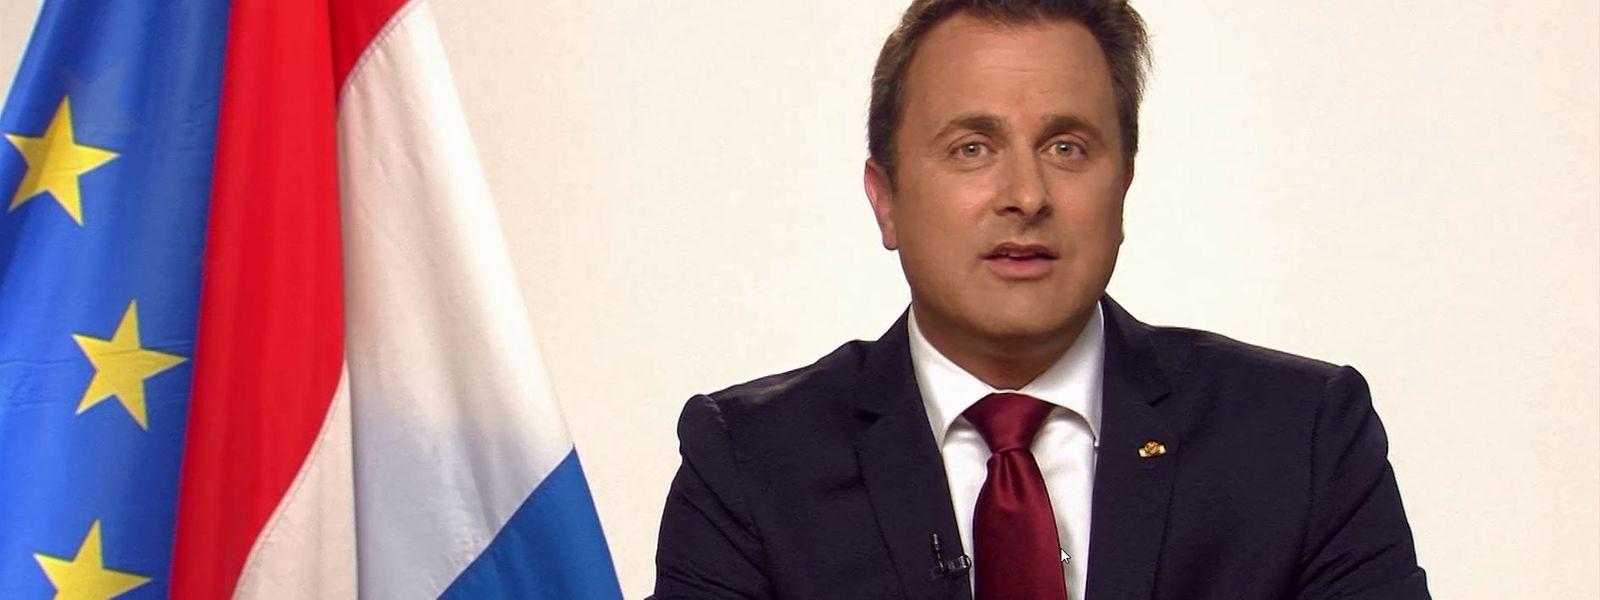 Xavier Bettel appelliert an das Zusammengehörigkeitsgefühl der Luxemburger Bürger.